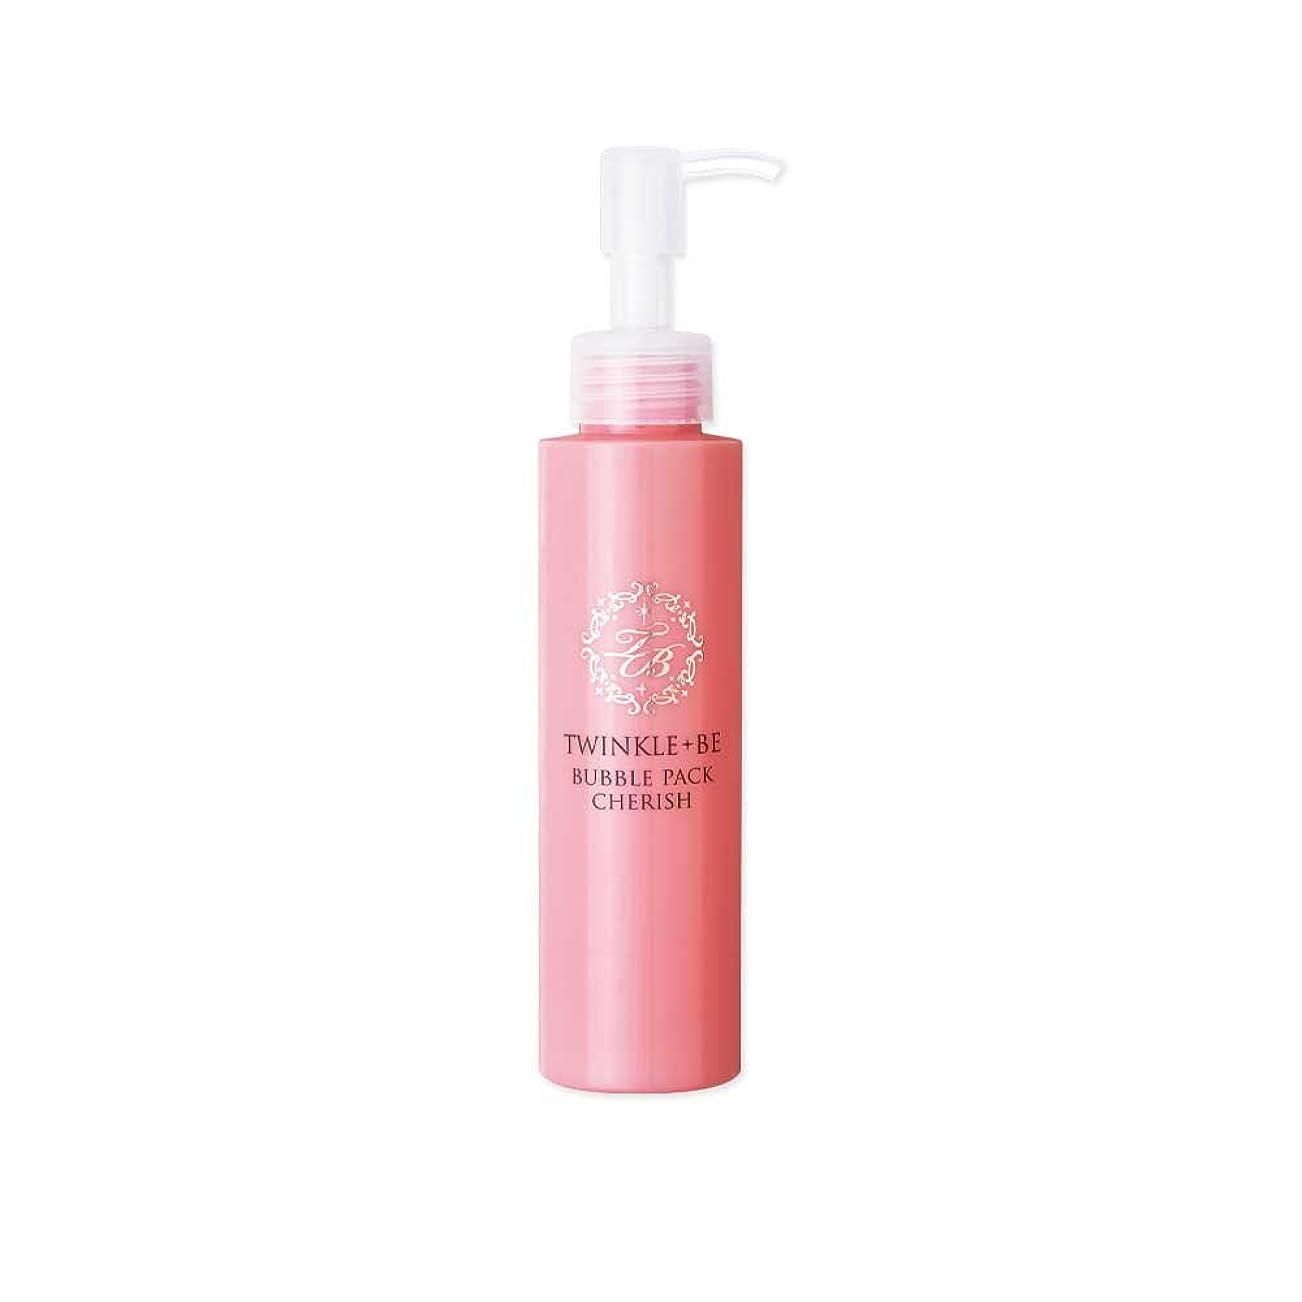 曲火山学マイクロBeGarden(ビーガーデン) 酸素パック バブルパックチェリッシュ (ピーリング クリーニング パック) 1本 日本製 チェリーブロッサムの香り